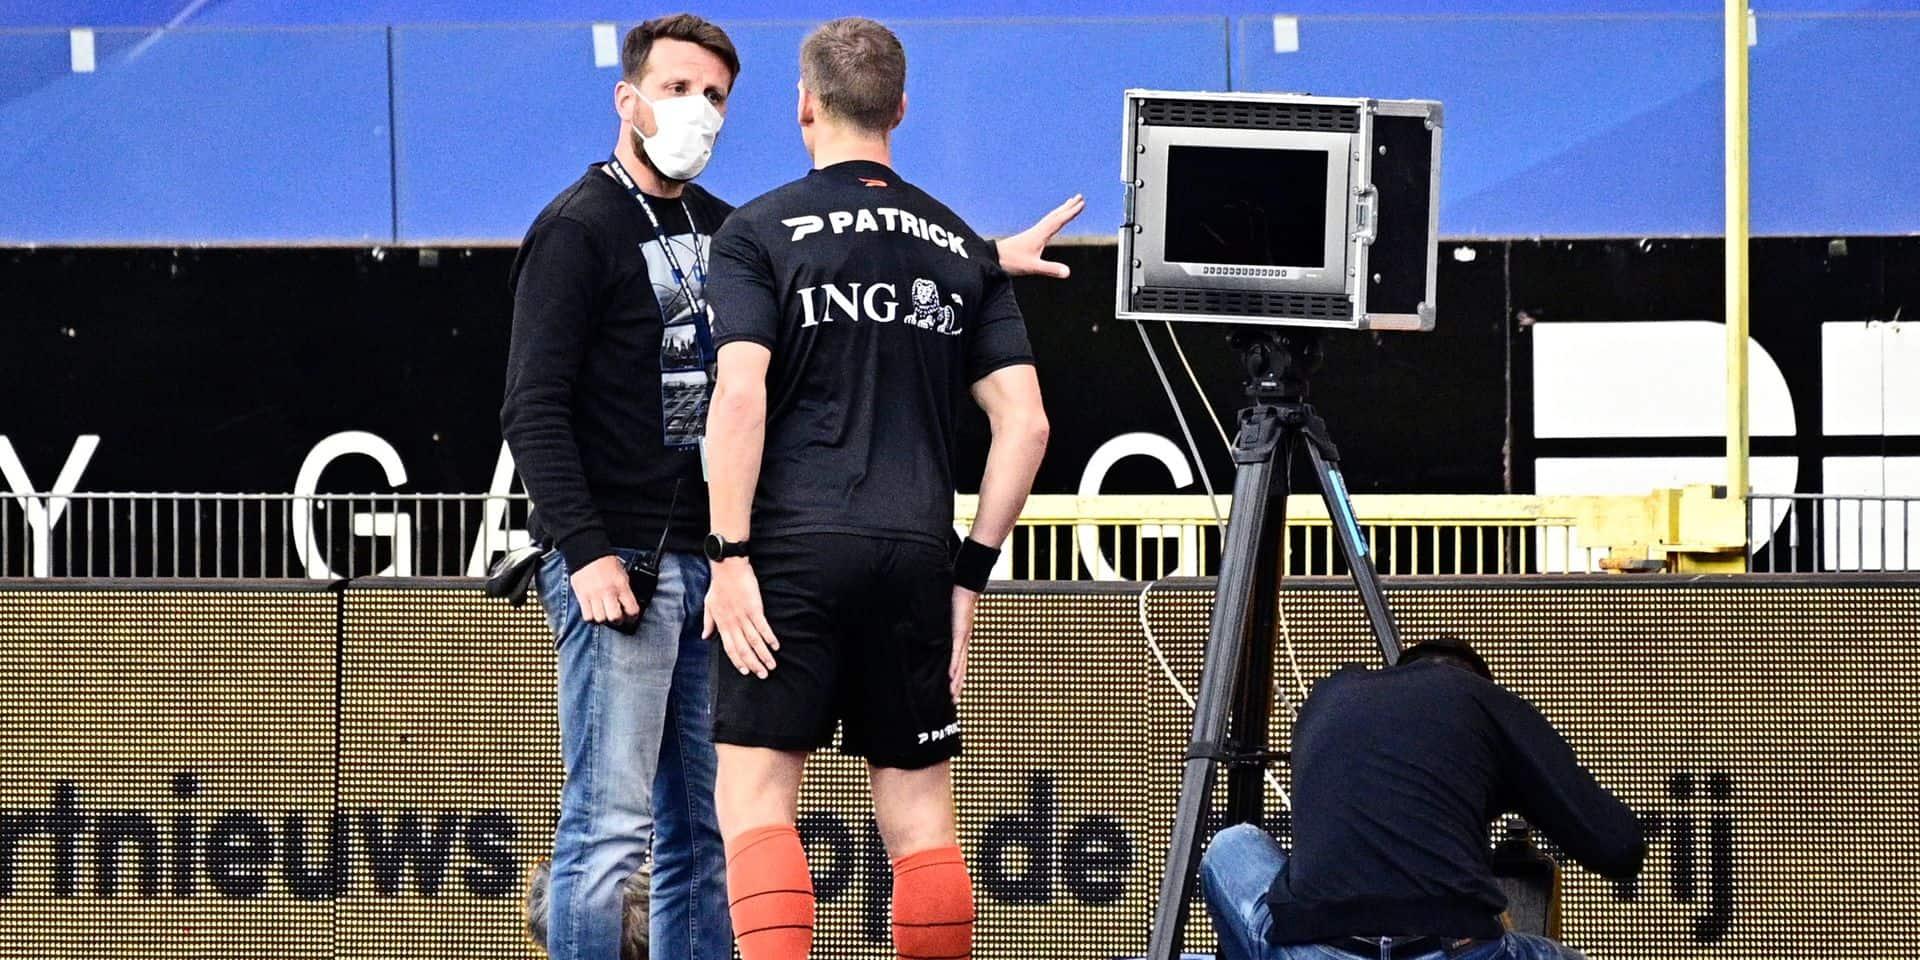 Voici pourquoi Genk-Anderlecht avait été retardé: le chauffeur du camion du VAR s'est trompé avec... Gand